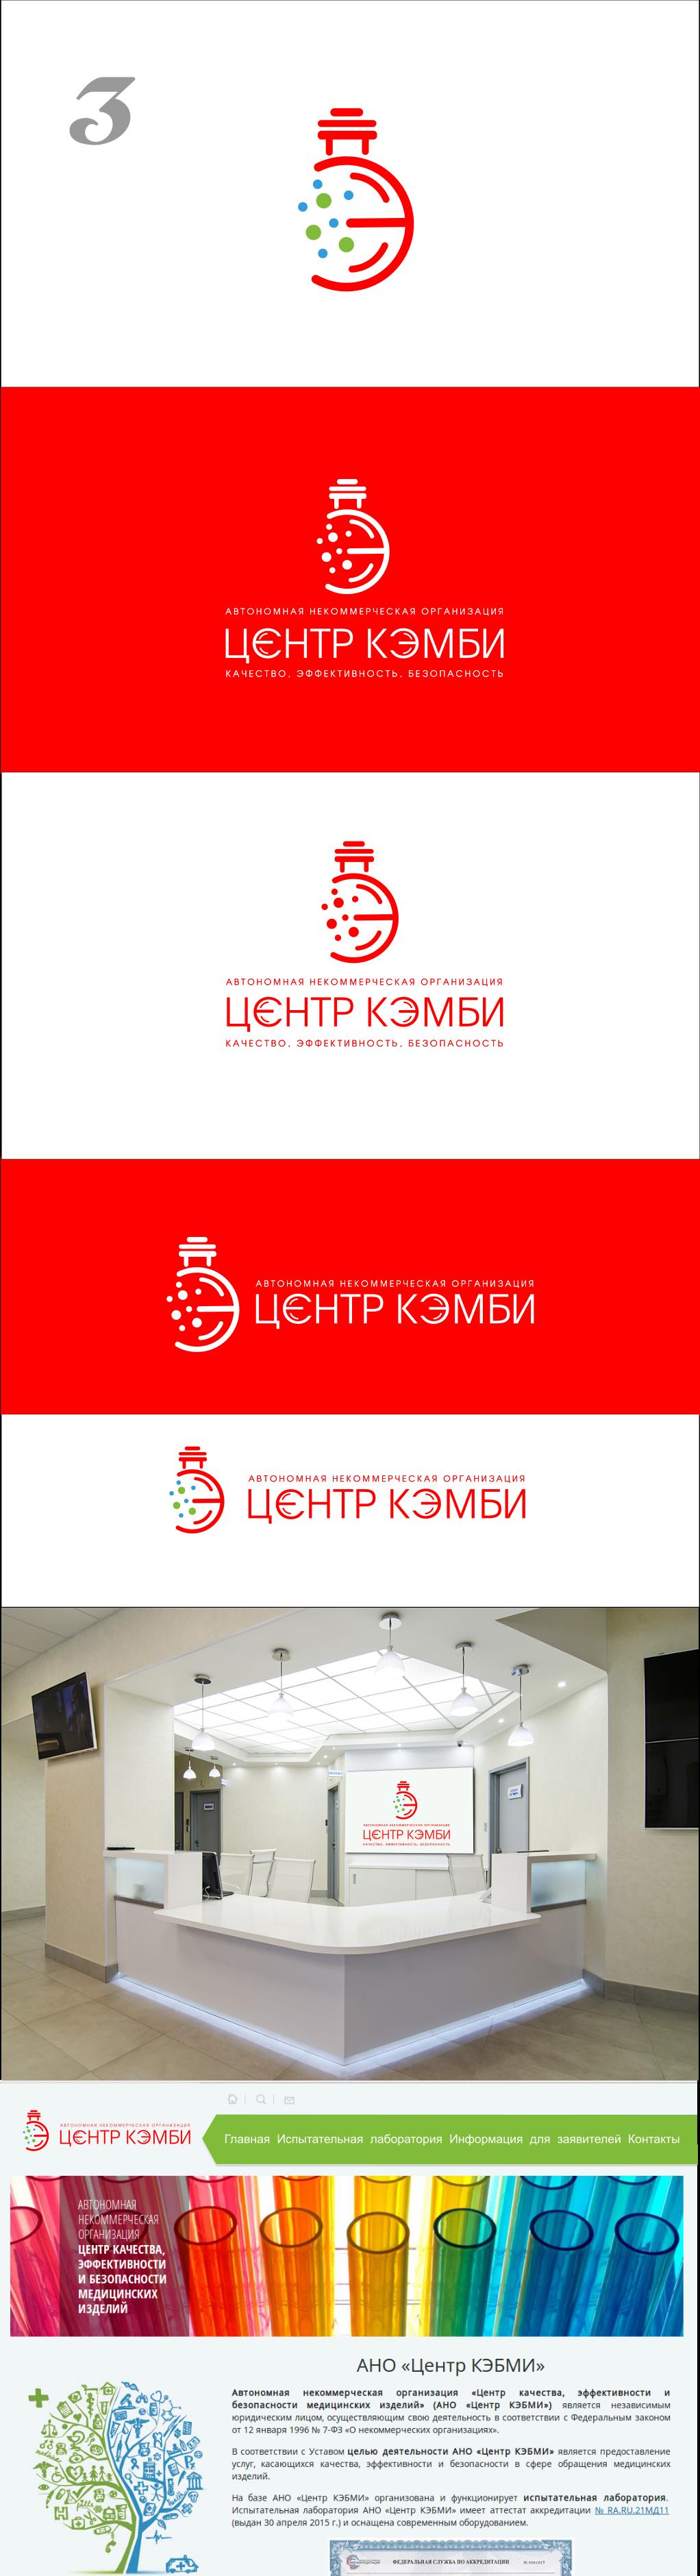 Редизайн логотипа АНО Центр КЭБМИ - BREVIS фото f_0615b1fa8a73bc03.png